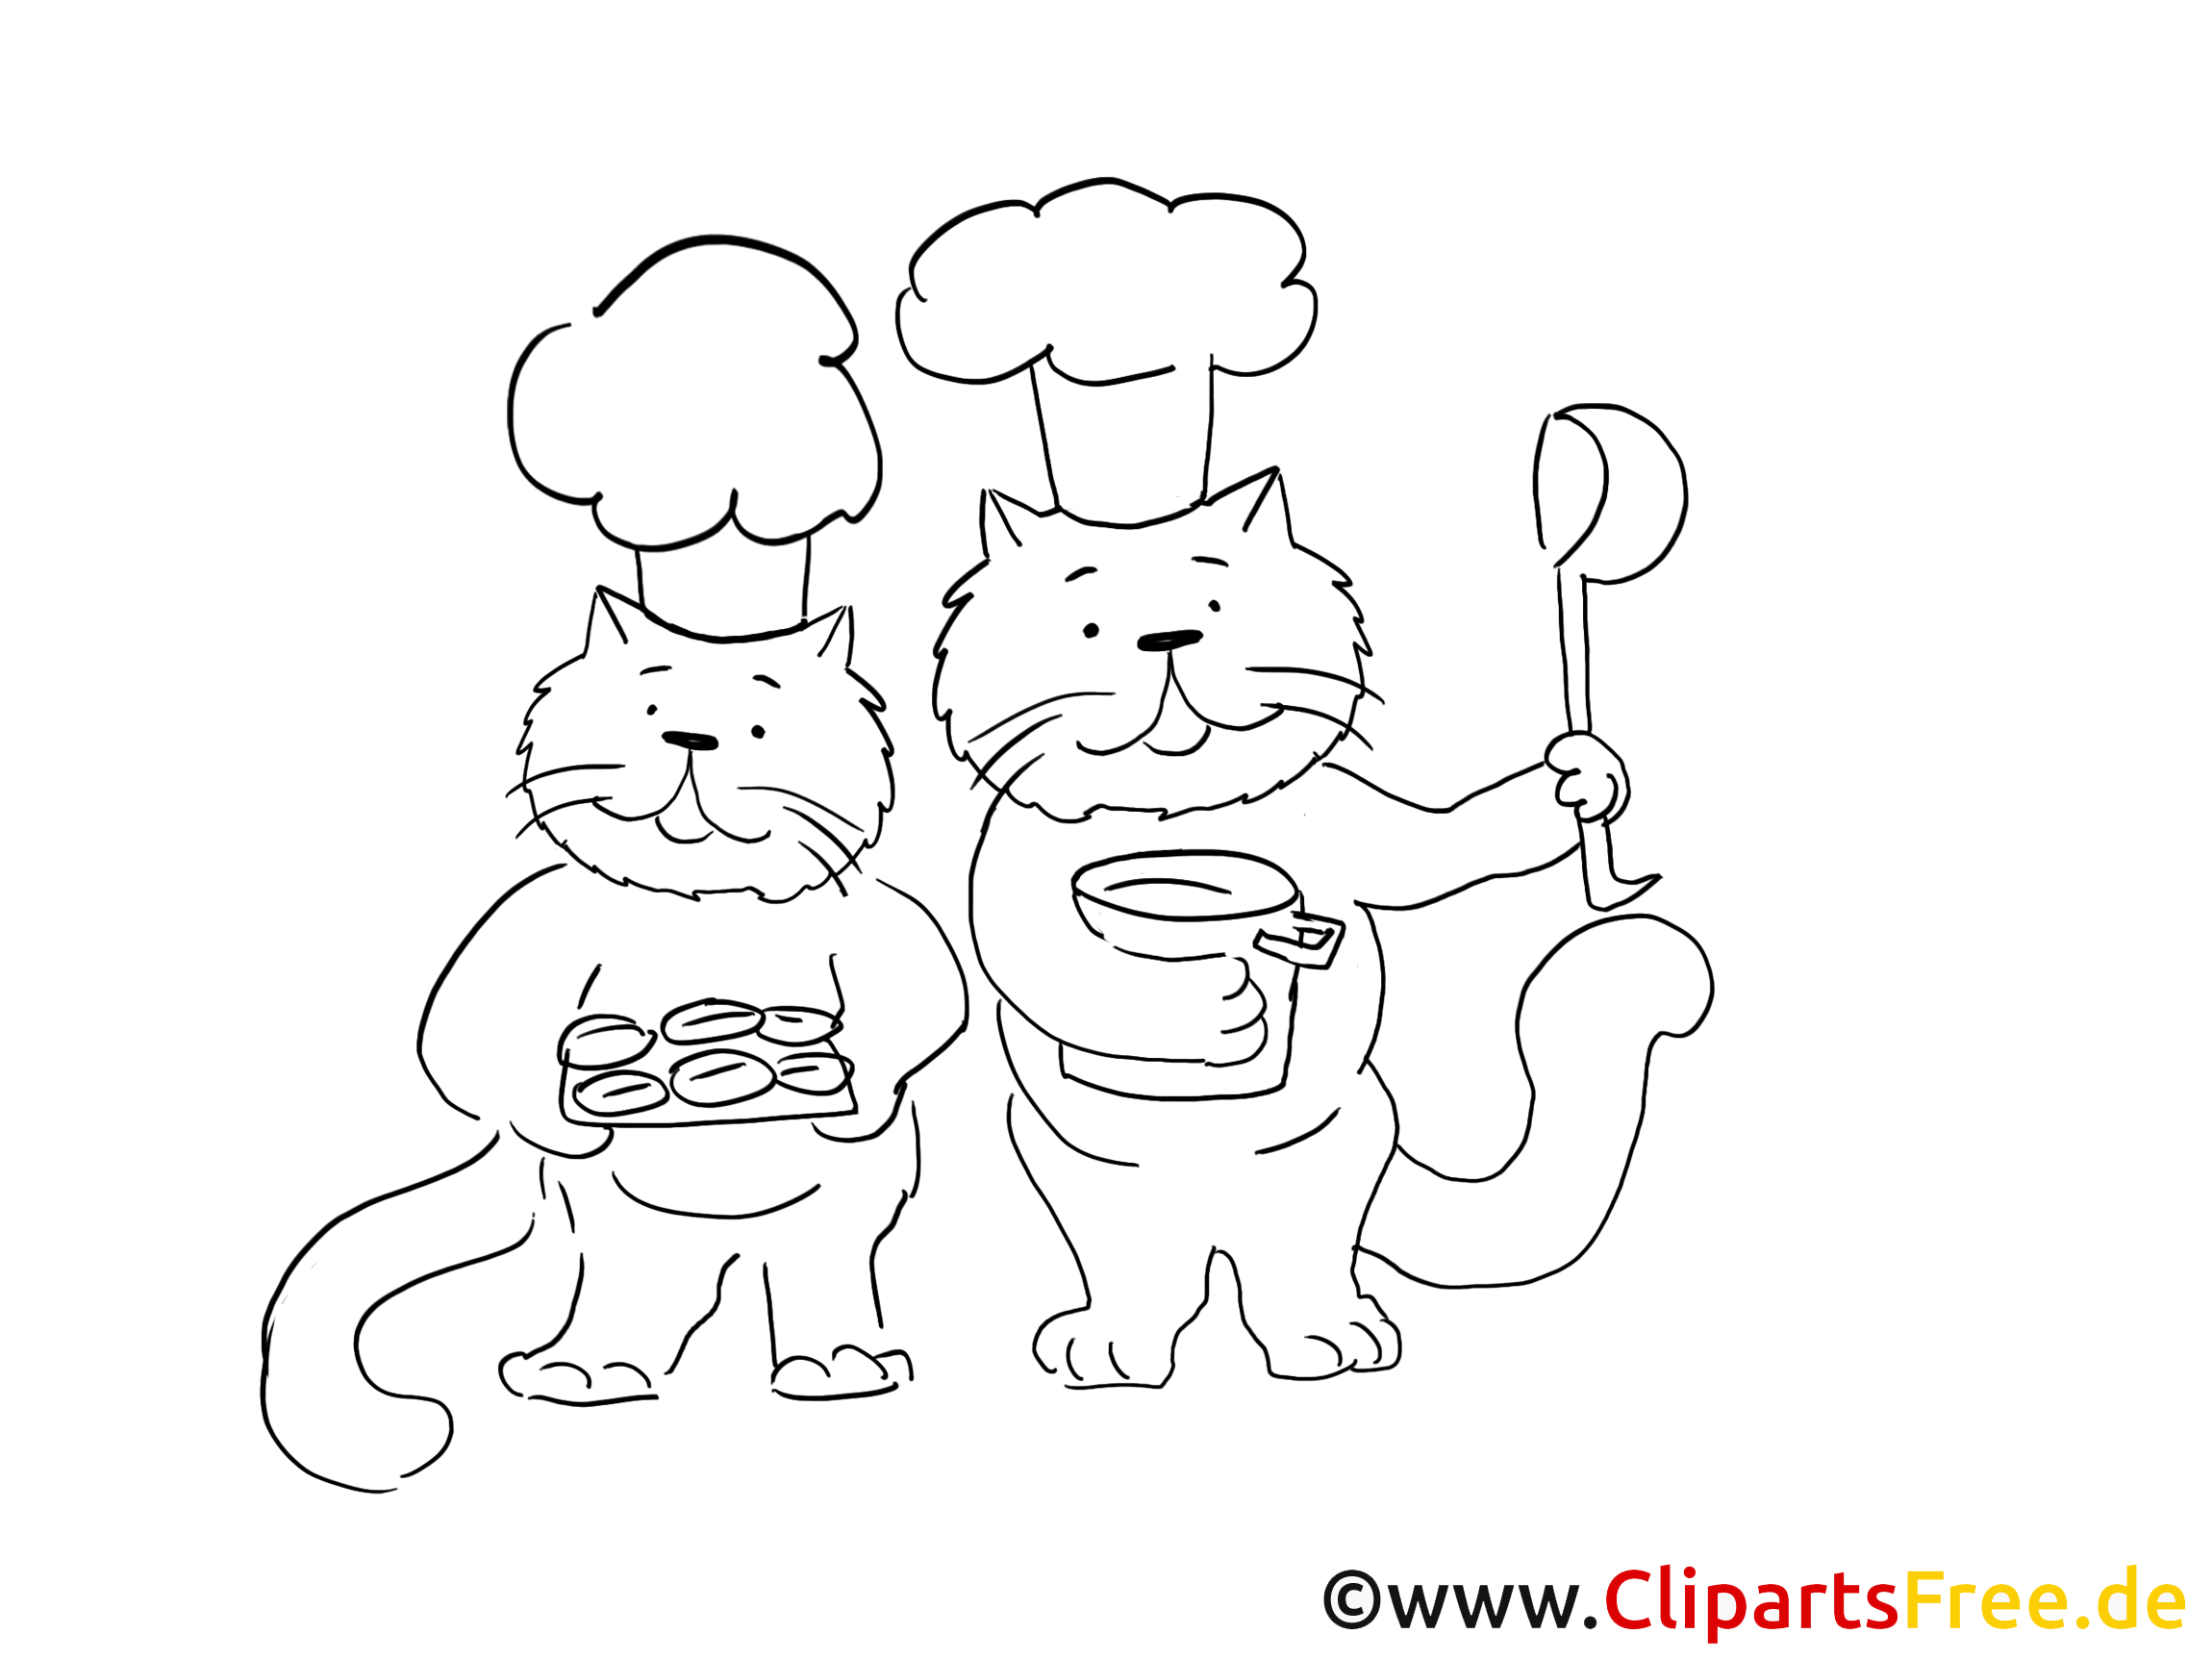 Katzen in der Küche Grafik, Bild, Malvorlage zum Ausdrucken